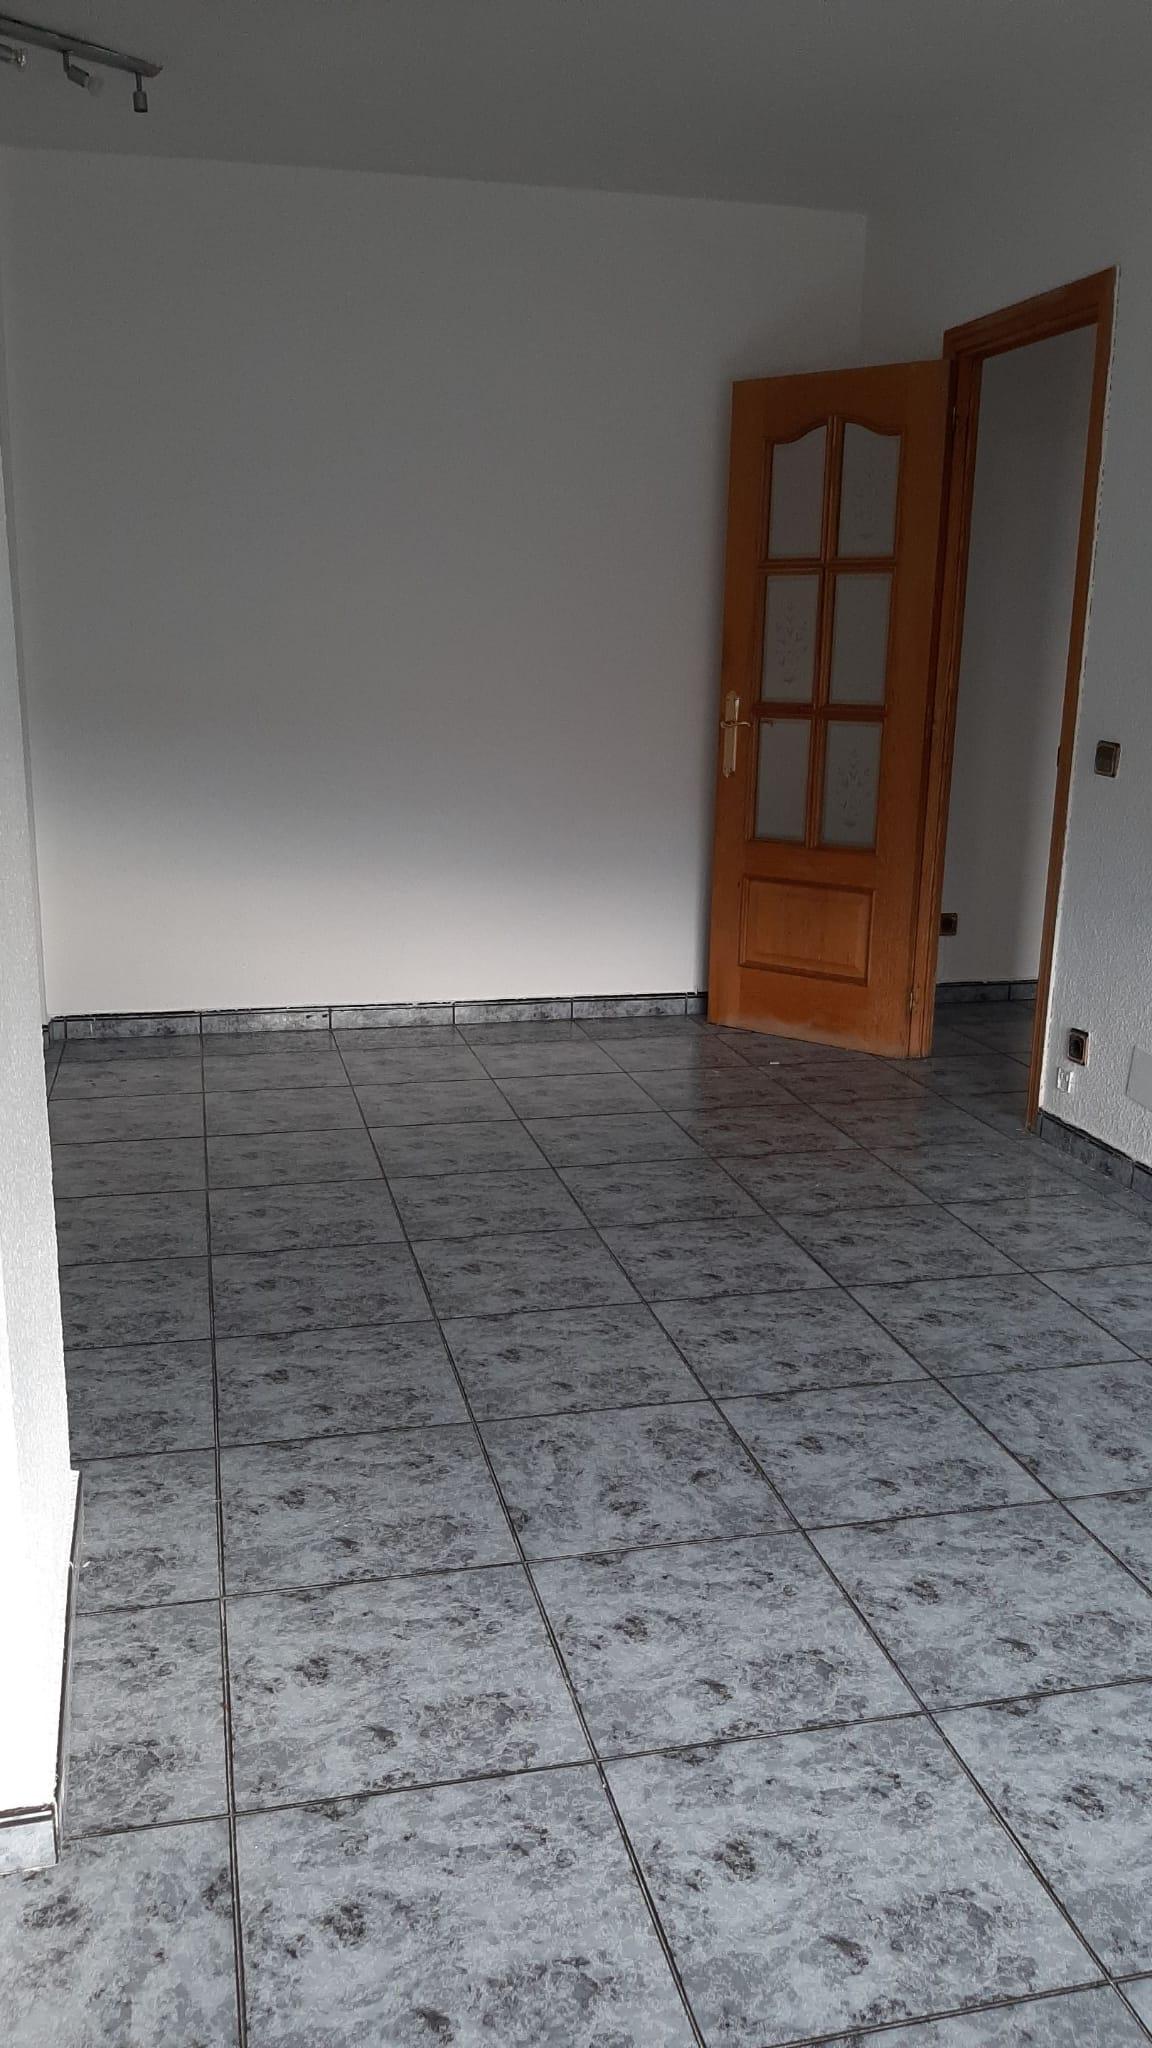 Piso en venta en Cerro - El Molino, Fuenlabrada, Madrid, Calle Portugal, 105.000 €, 3 habitaciones, 1 baño, 86 m2